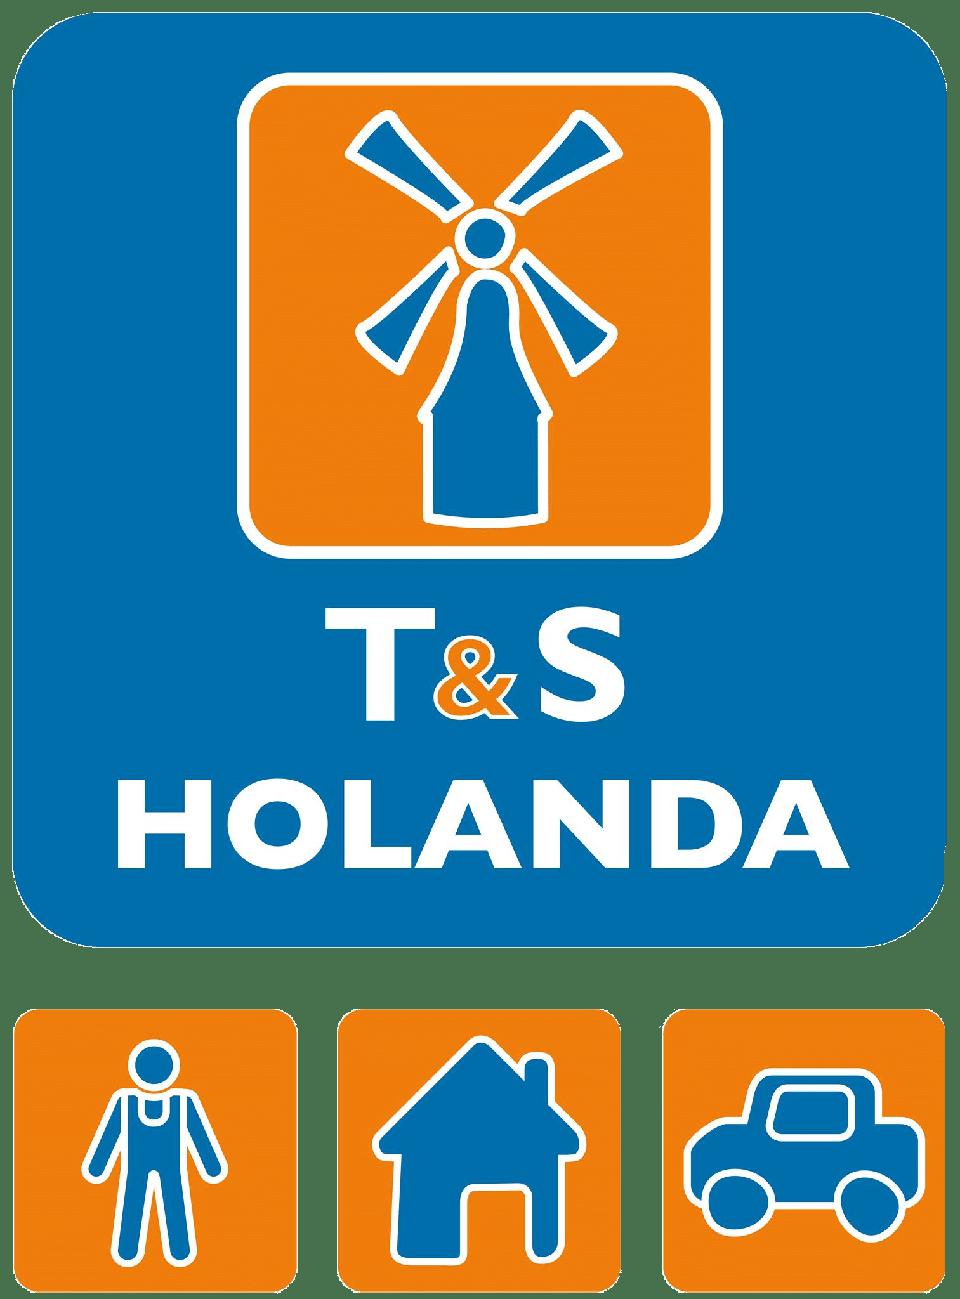 TenS Hollanda